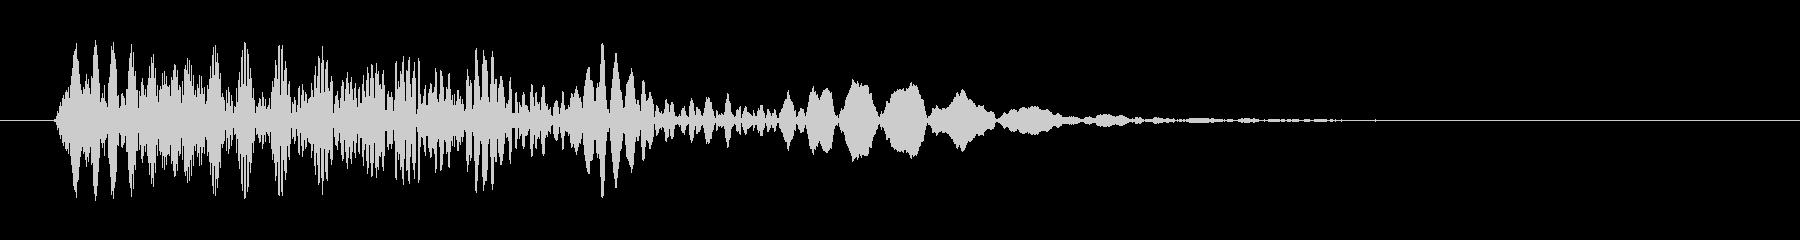 レトロ.ファミコン風効果音 下降音の未再生の波形